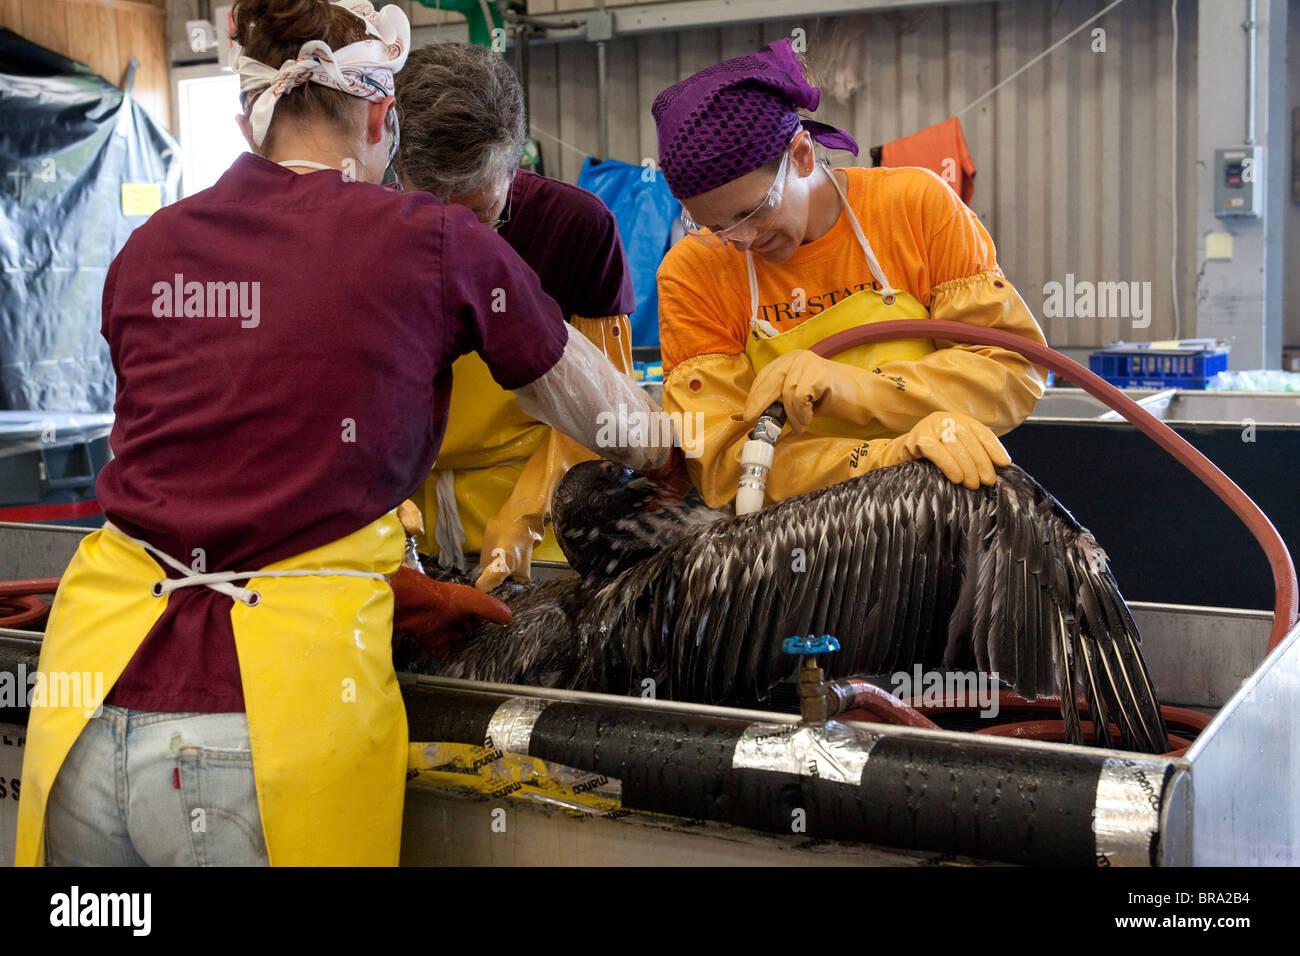 Les pélicans couverts d'huile provenant du déversement de pétrole de la plateforme Deepwater Horizon sont nettoyées Banque D'Images